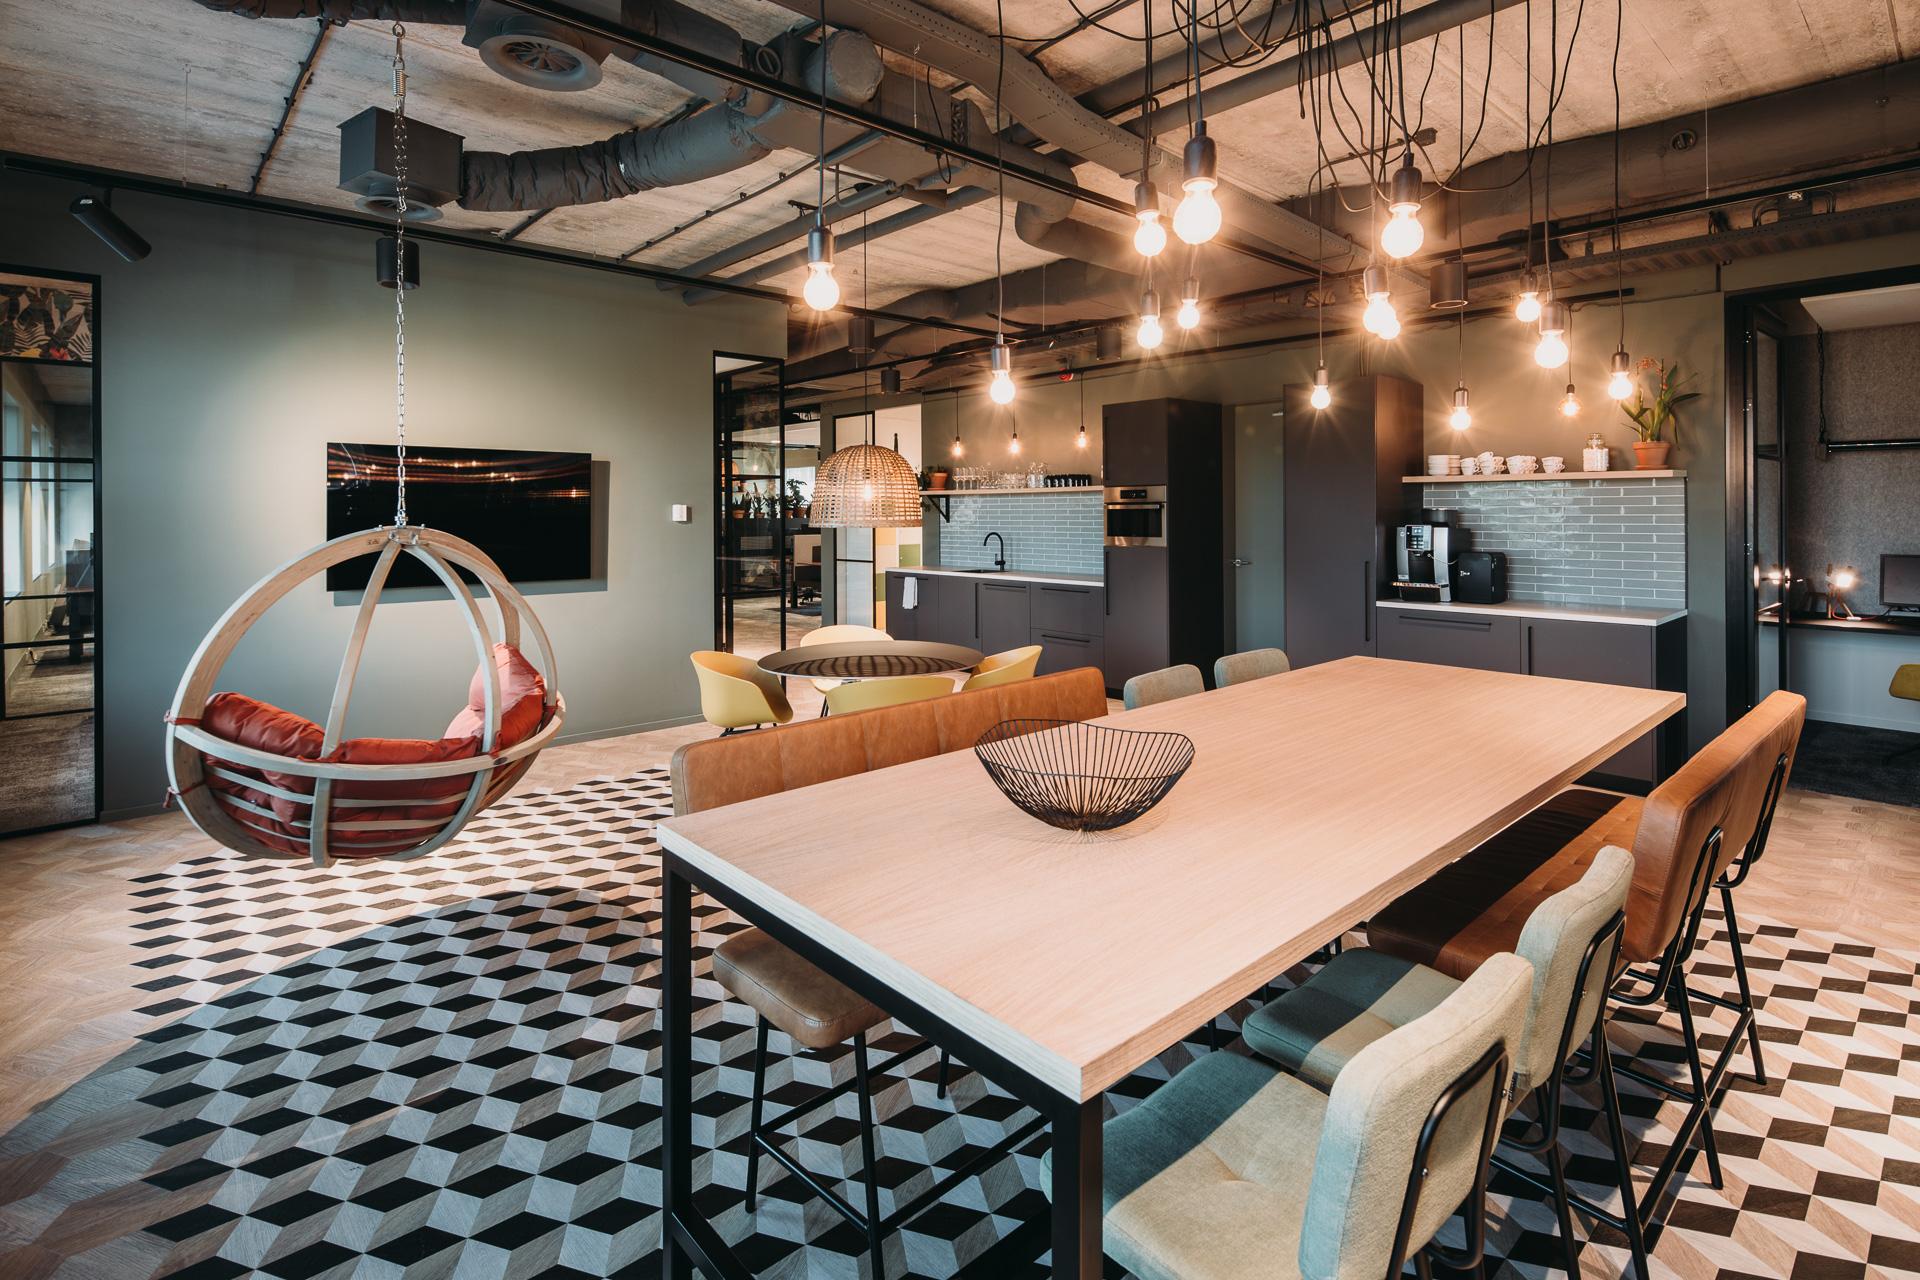 Petplan - Dierenverzekeraar Petplan verhuisde medio 2018 naar de 1e verdieping van het Quarter Podium in Amsterdam Sloterdijk. Een gedroomde opdracht voor LISA; van A tot Z zijn we in het proces betrokken geweest!